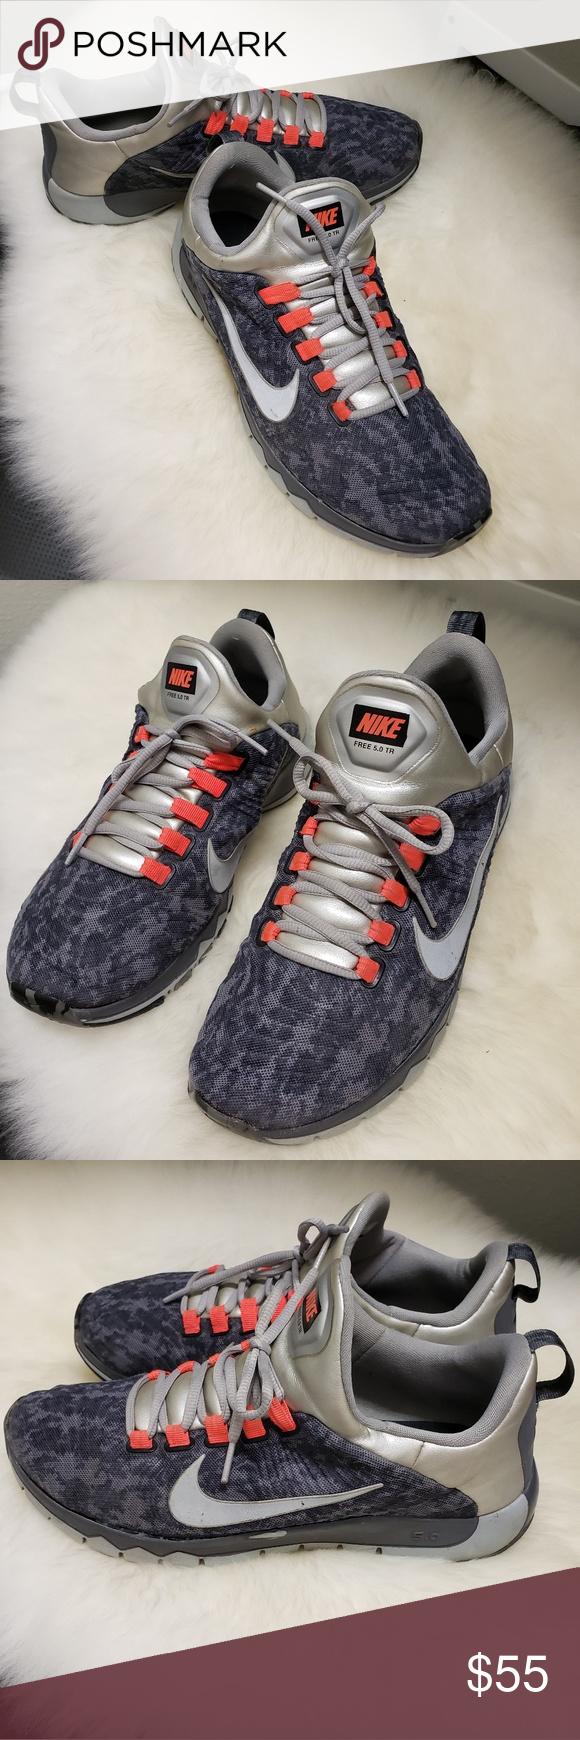 Nike Free 5 0 Trainer Mens Tennis Shoes Sz 11 Mens Tennis Shoes Nike Free Tennis Shoes